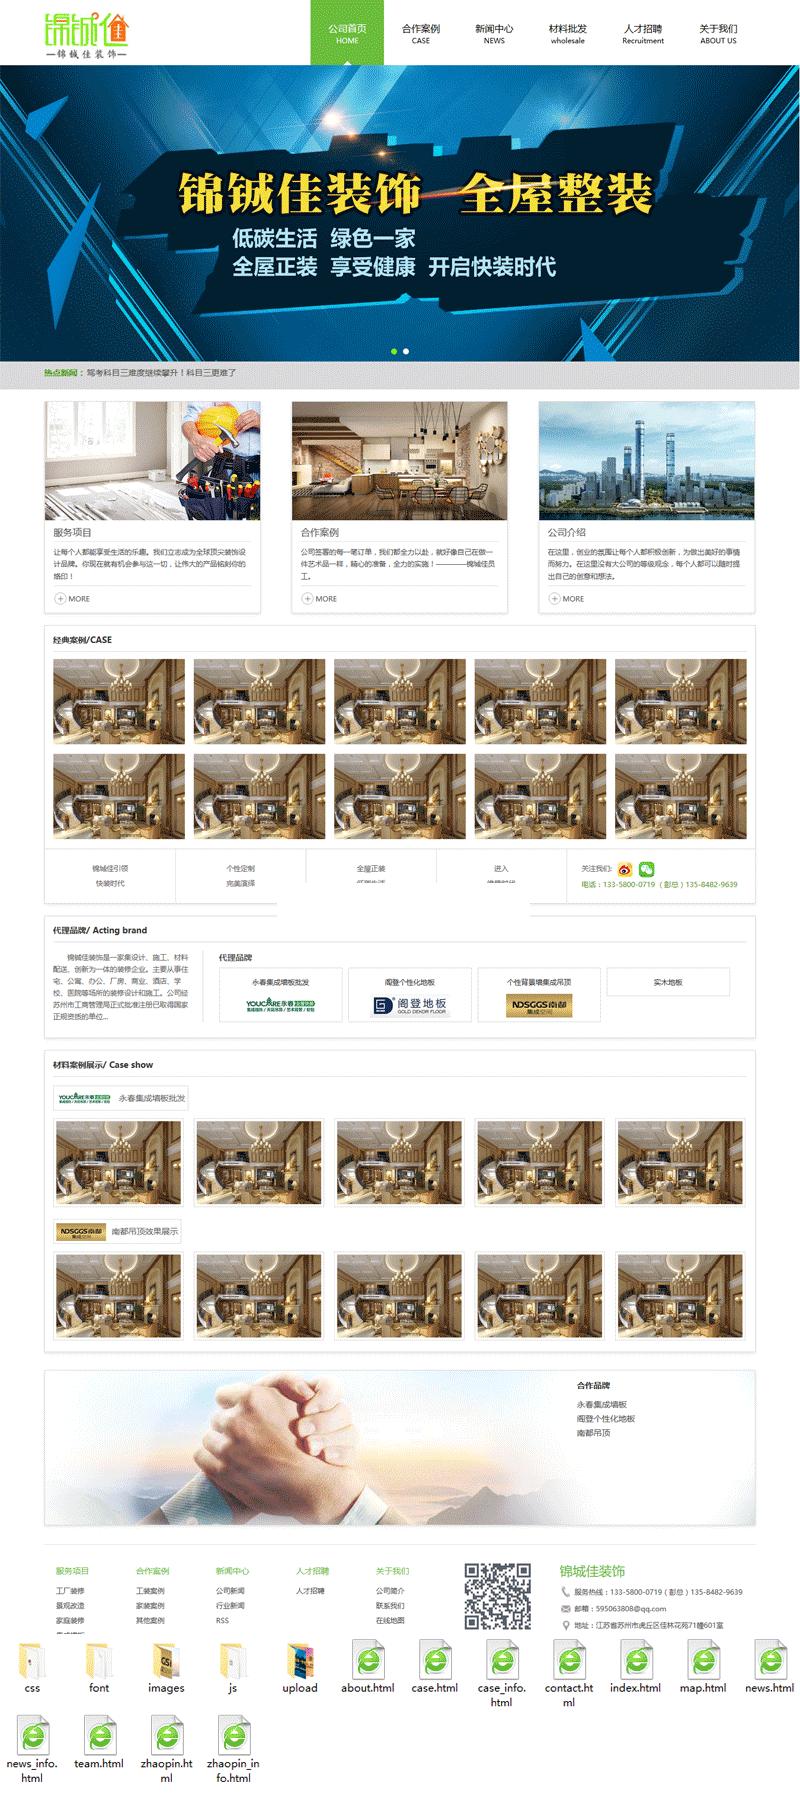 绿色宽屏的家居装饰企业站html模板下载